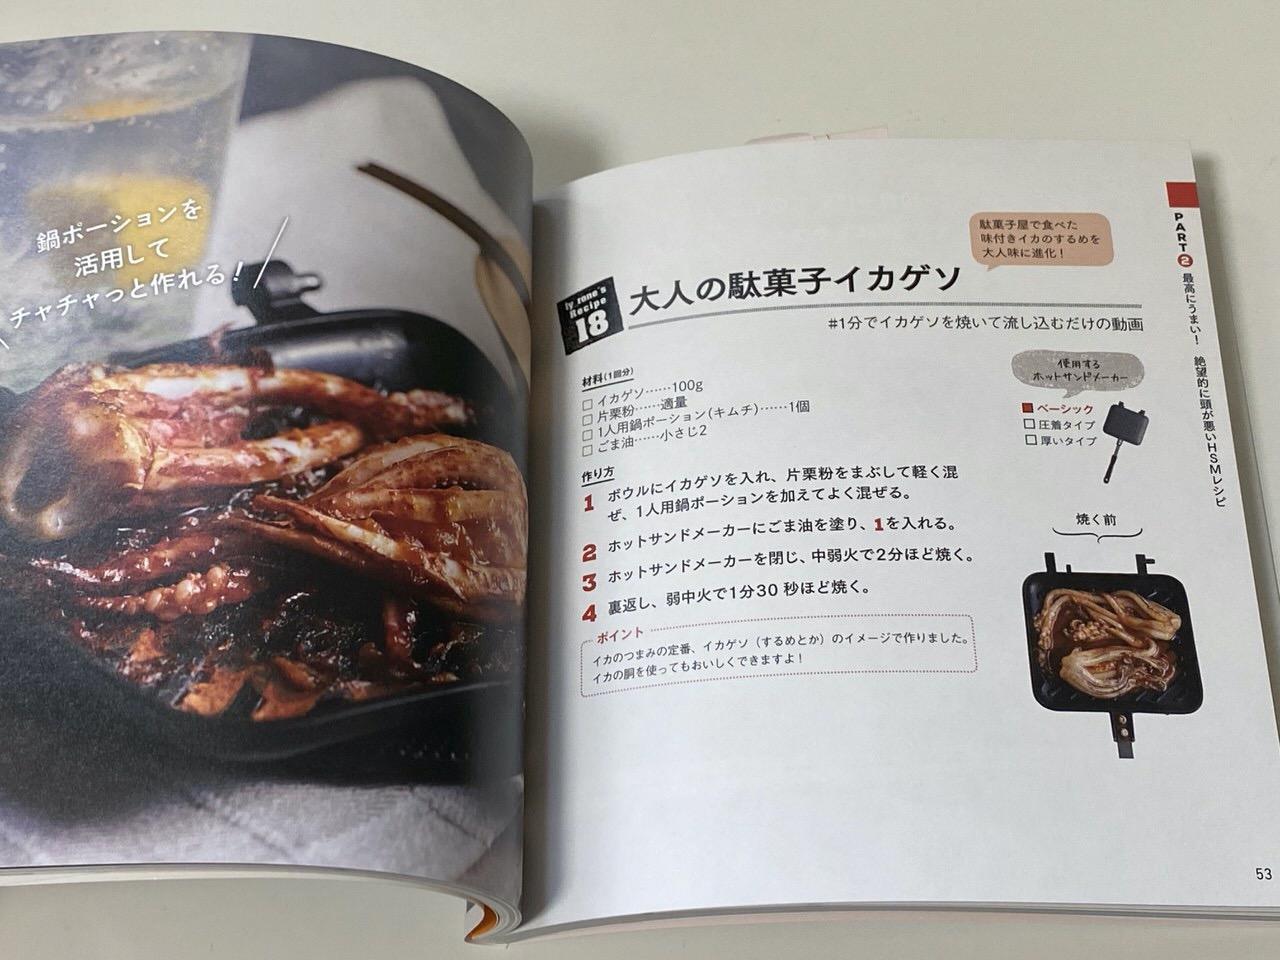 「リロ氏のソロキャンレシピ」あの動画がレシピ本になった!挟んで焼くだけのホットサンドメーカー42レシピ